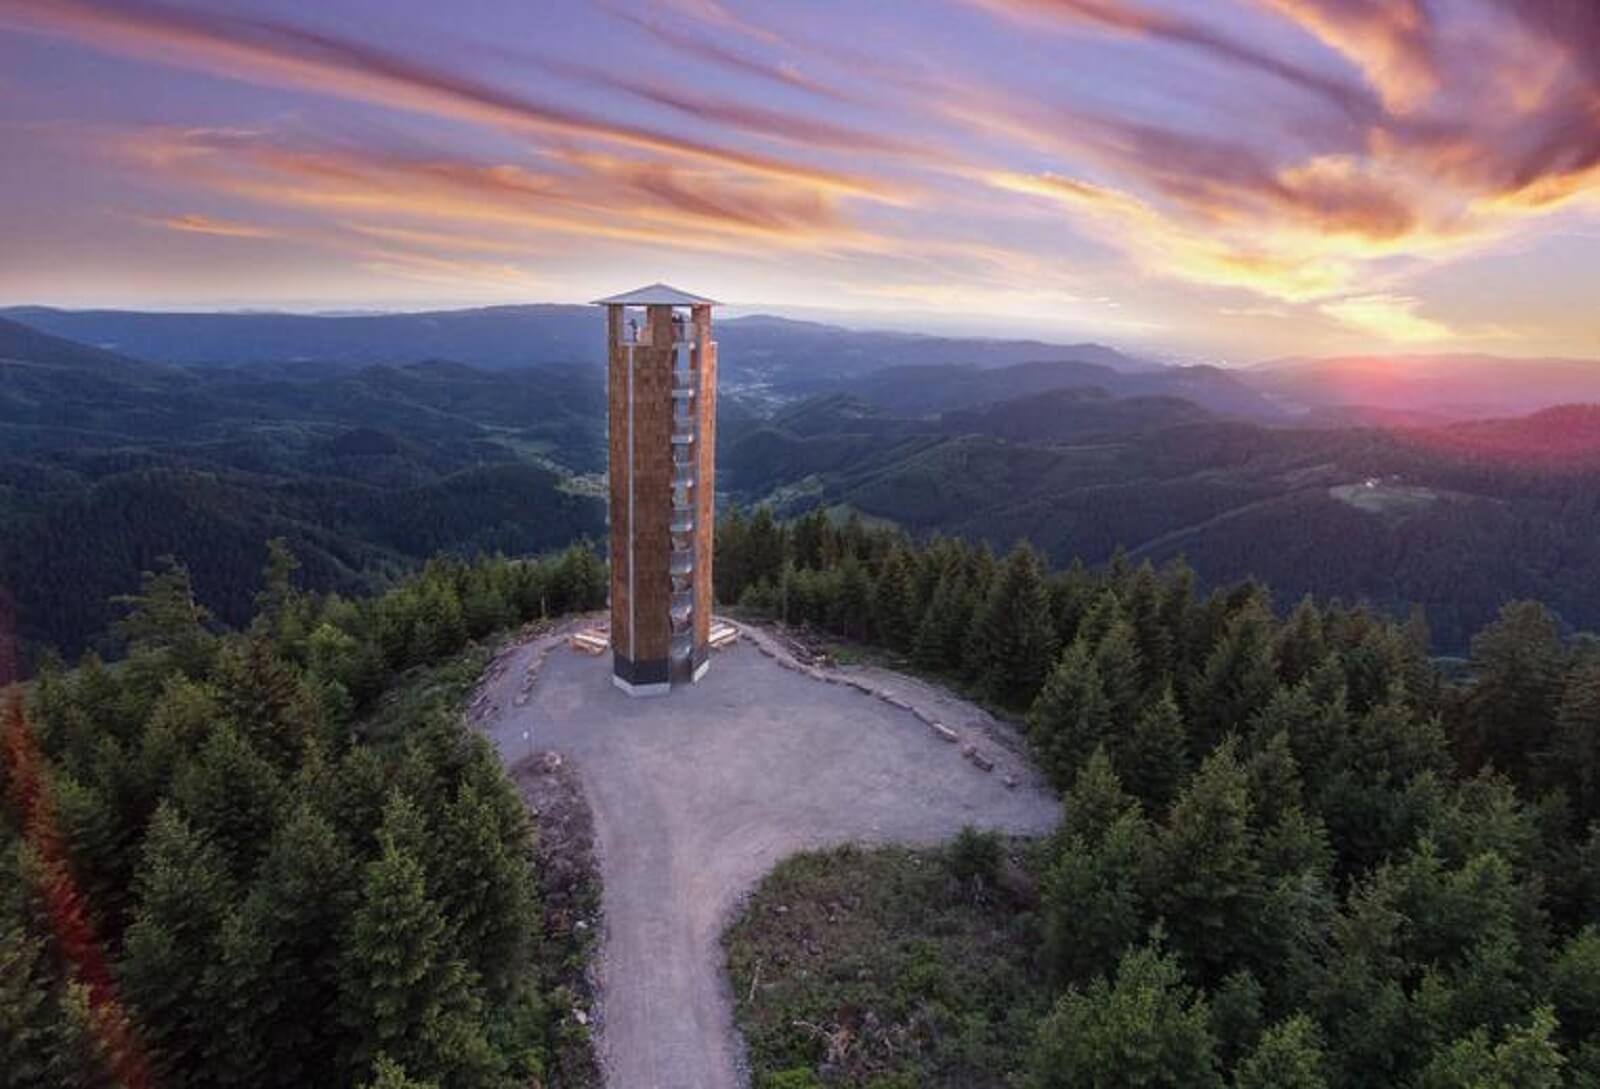 Buchkopfturm Renchtal